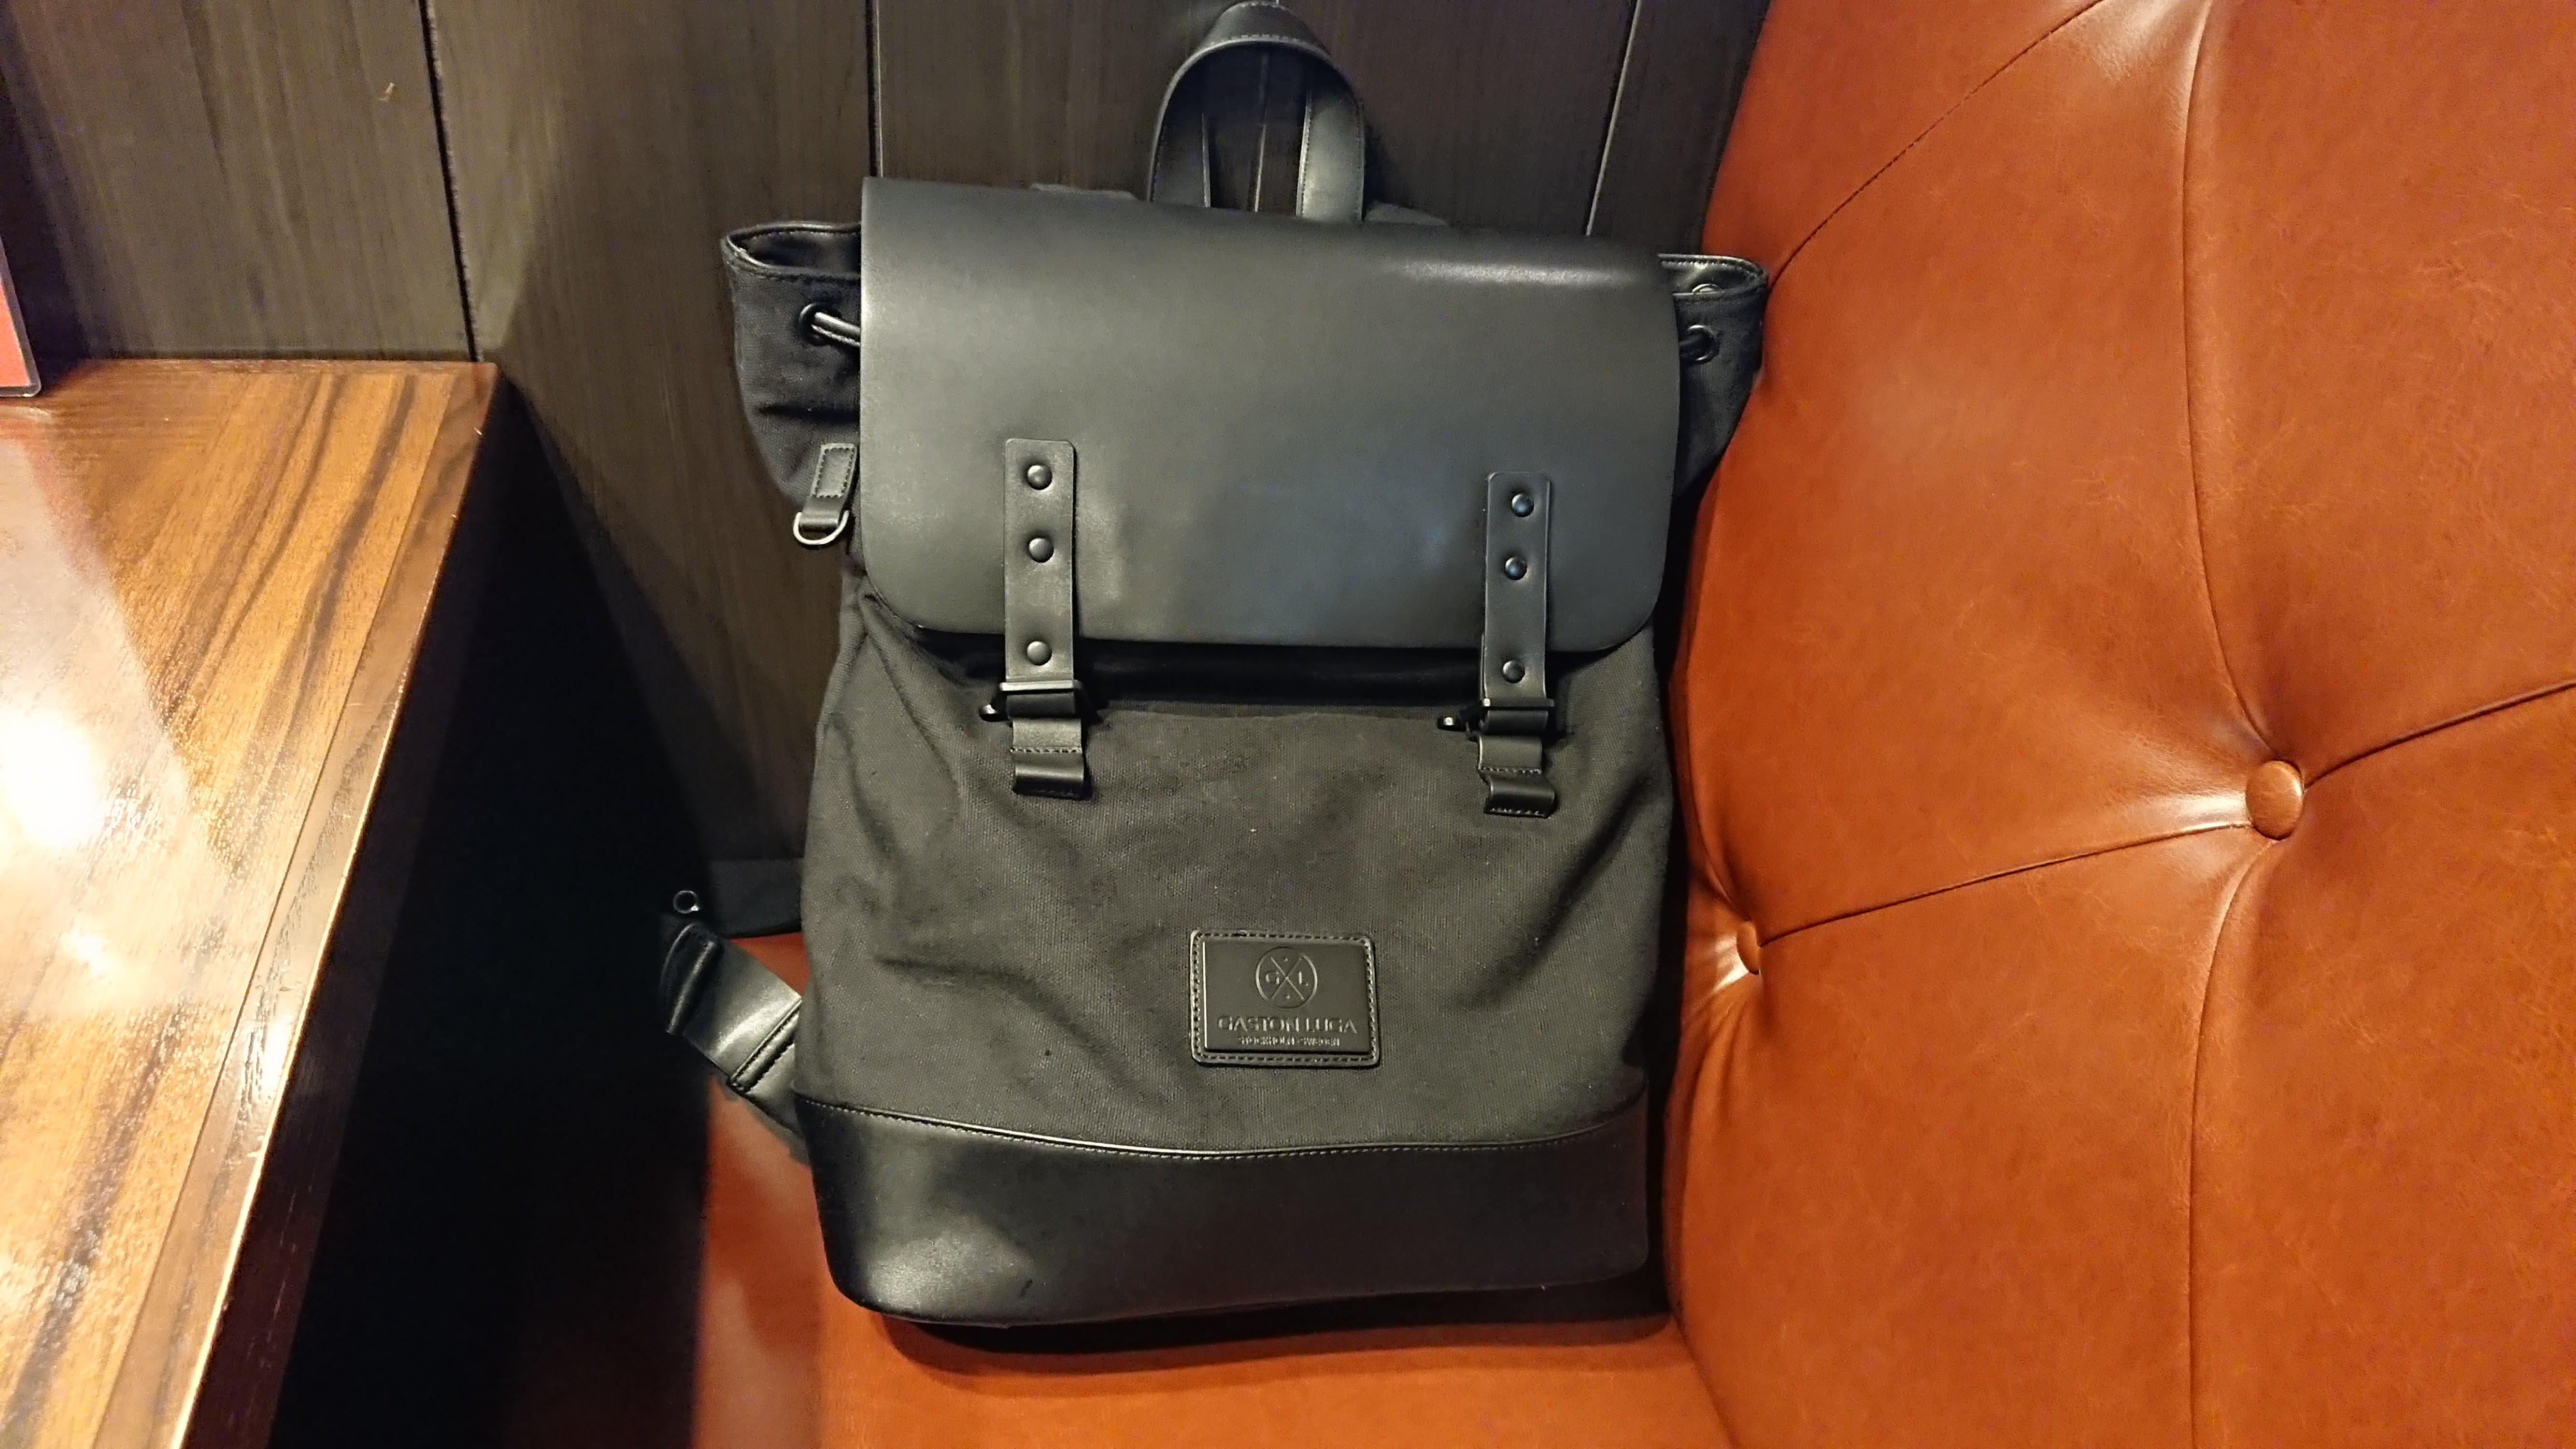 ガストンルーガのバックパックPRAPERは北欧デザインでおしゃれで使いやすい【PR】